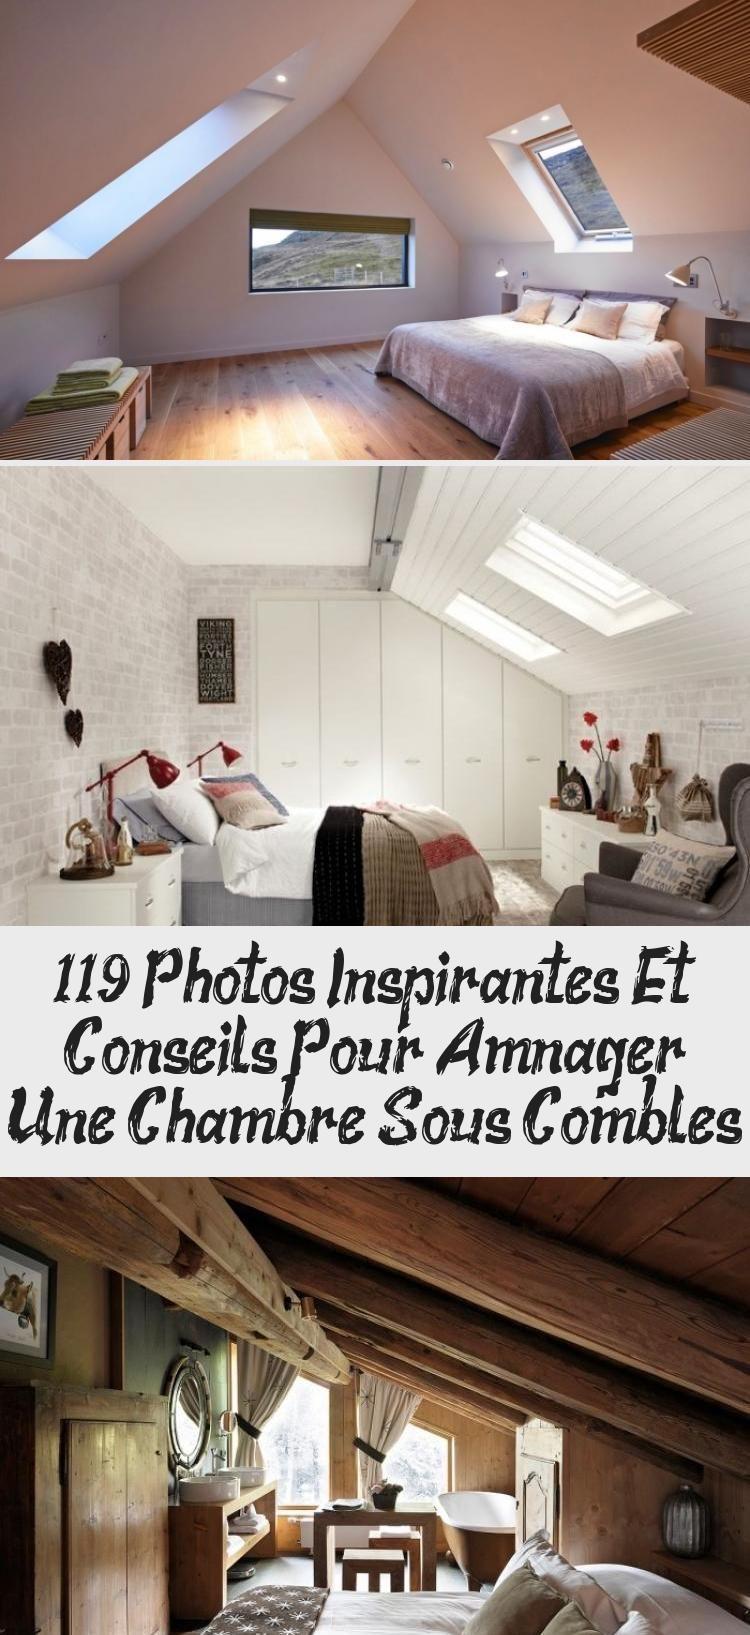 119 Photos Inspirantes Et Conseils Pour Amenager Une Chambre Sous